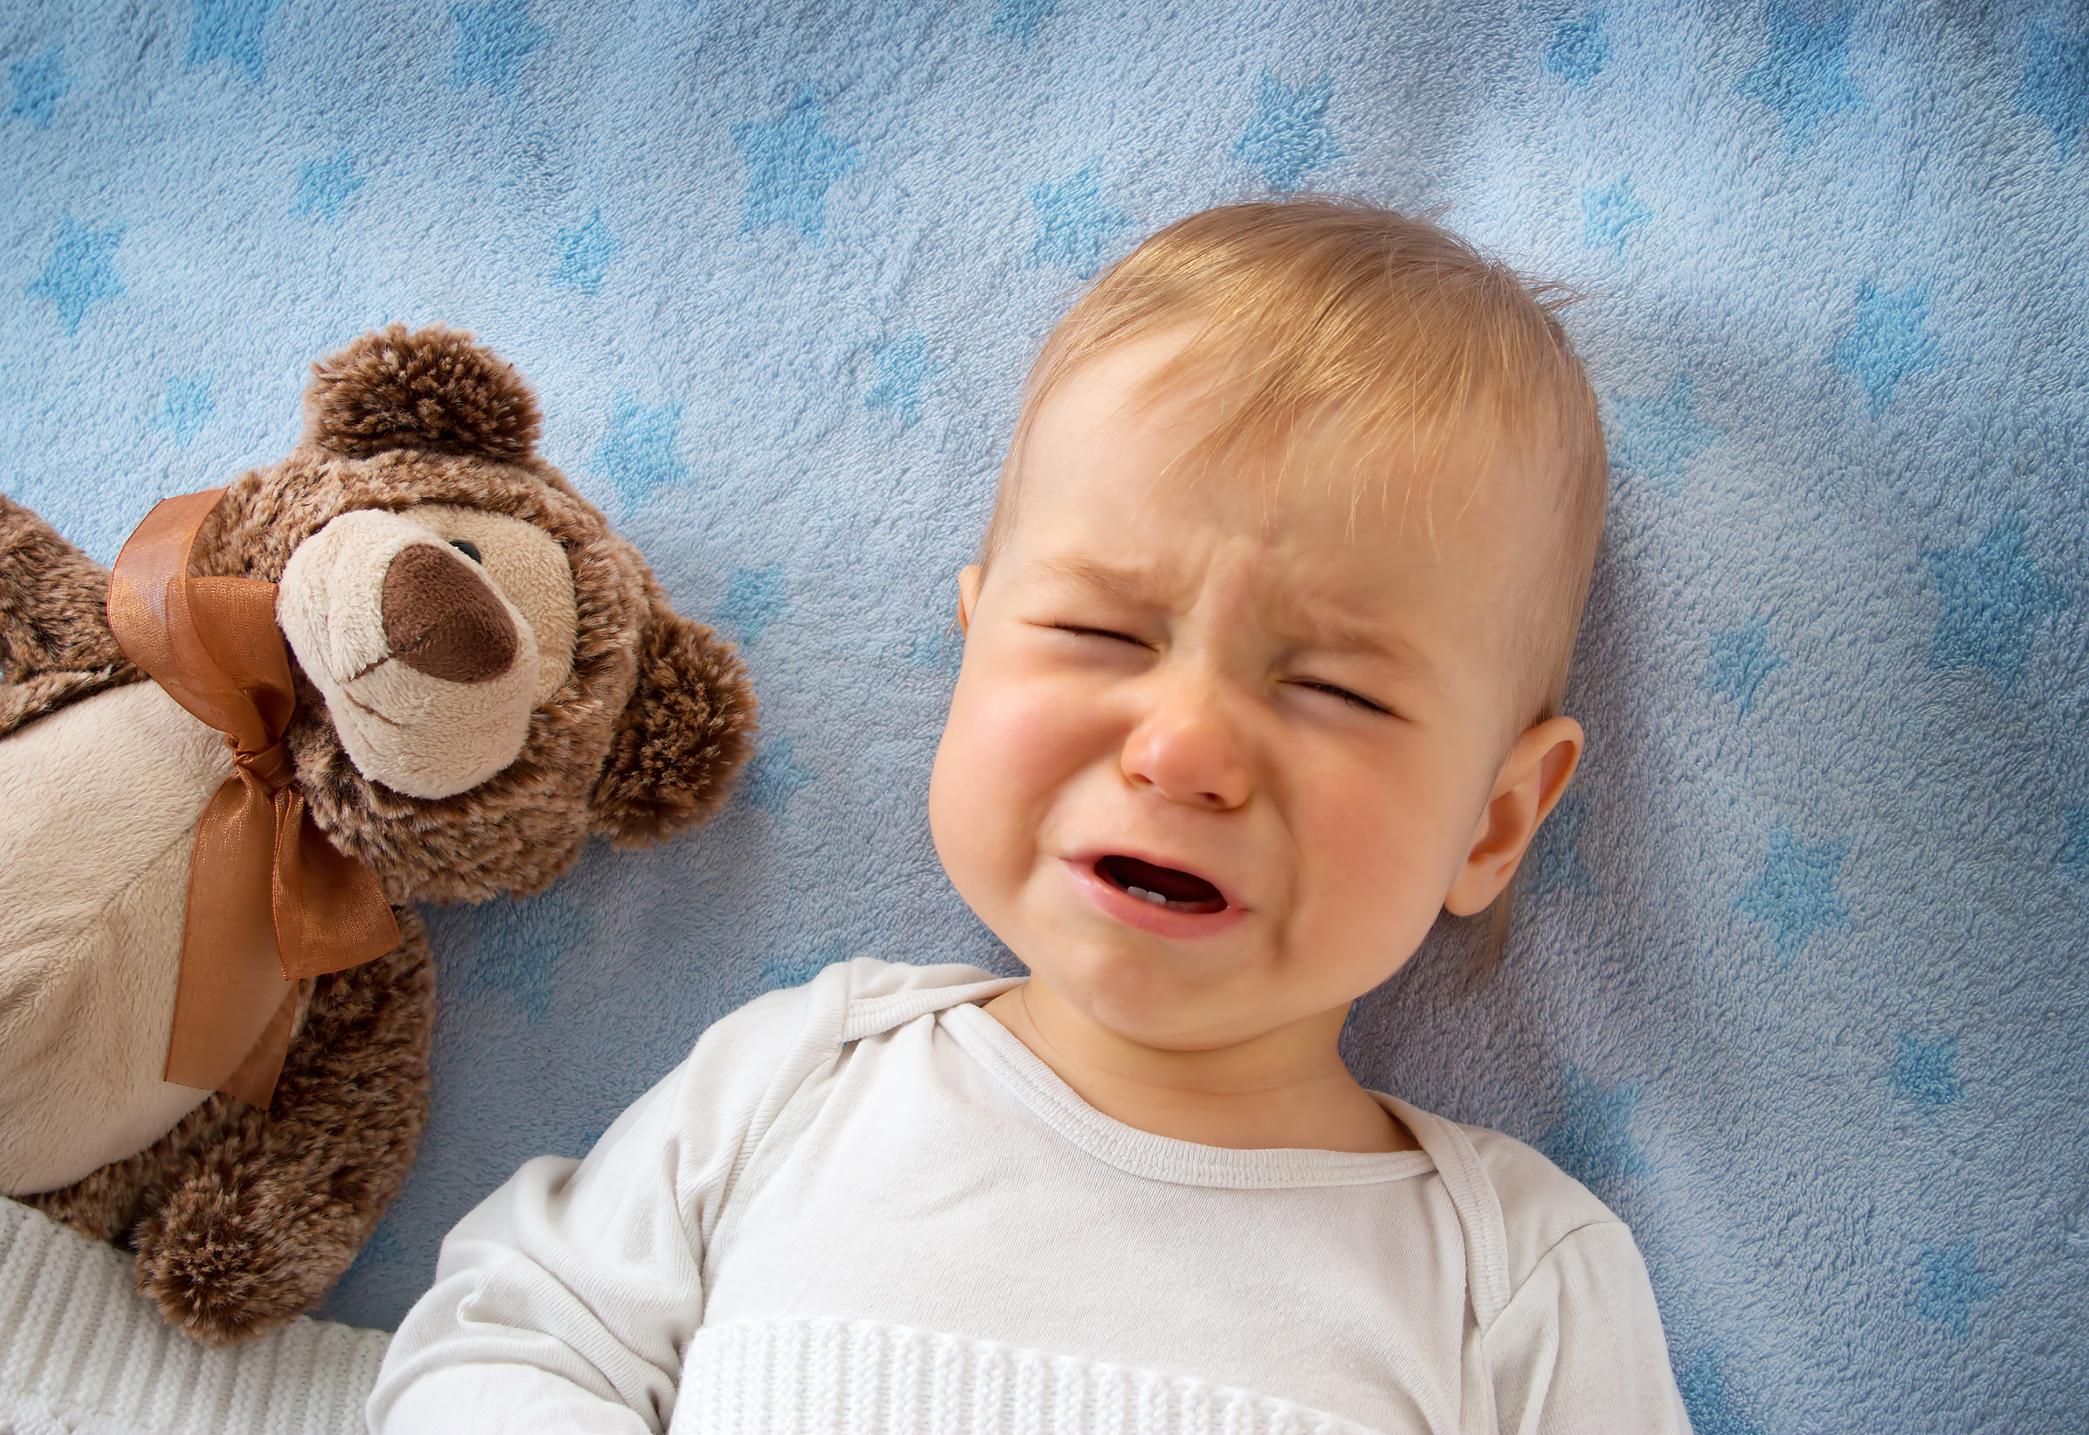 choro, filho, bebês, atenção, forma, então, pouco, ndash, aprenda, falar, expressar, maneira, principal, comunicarem, chamar, necessidades, demorar